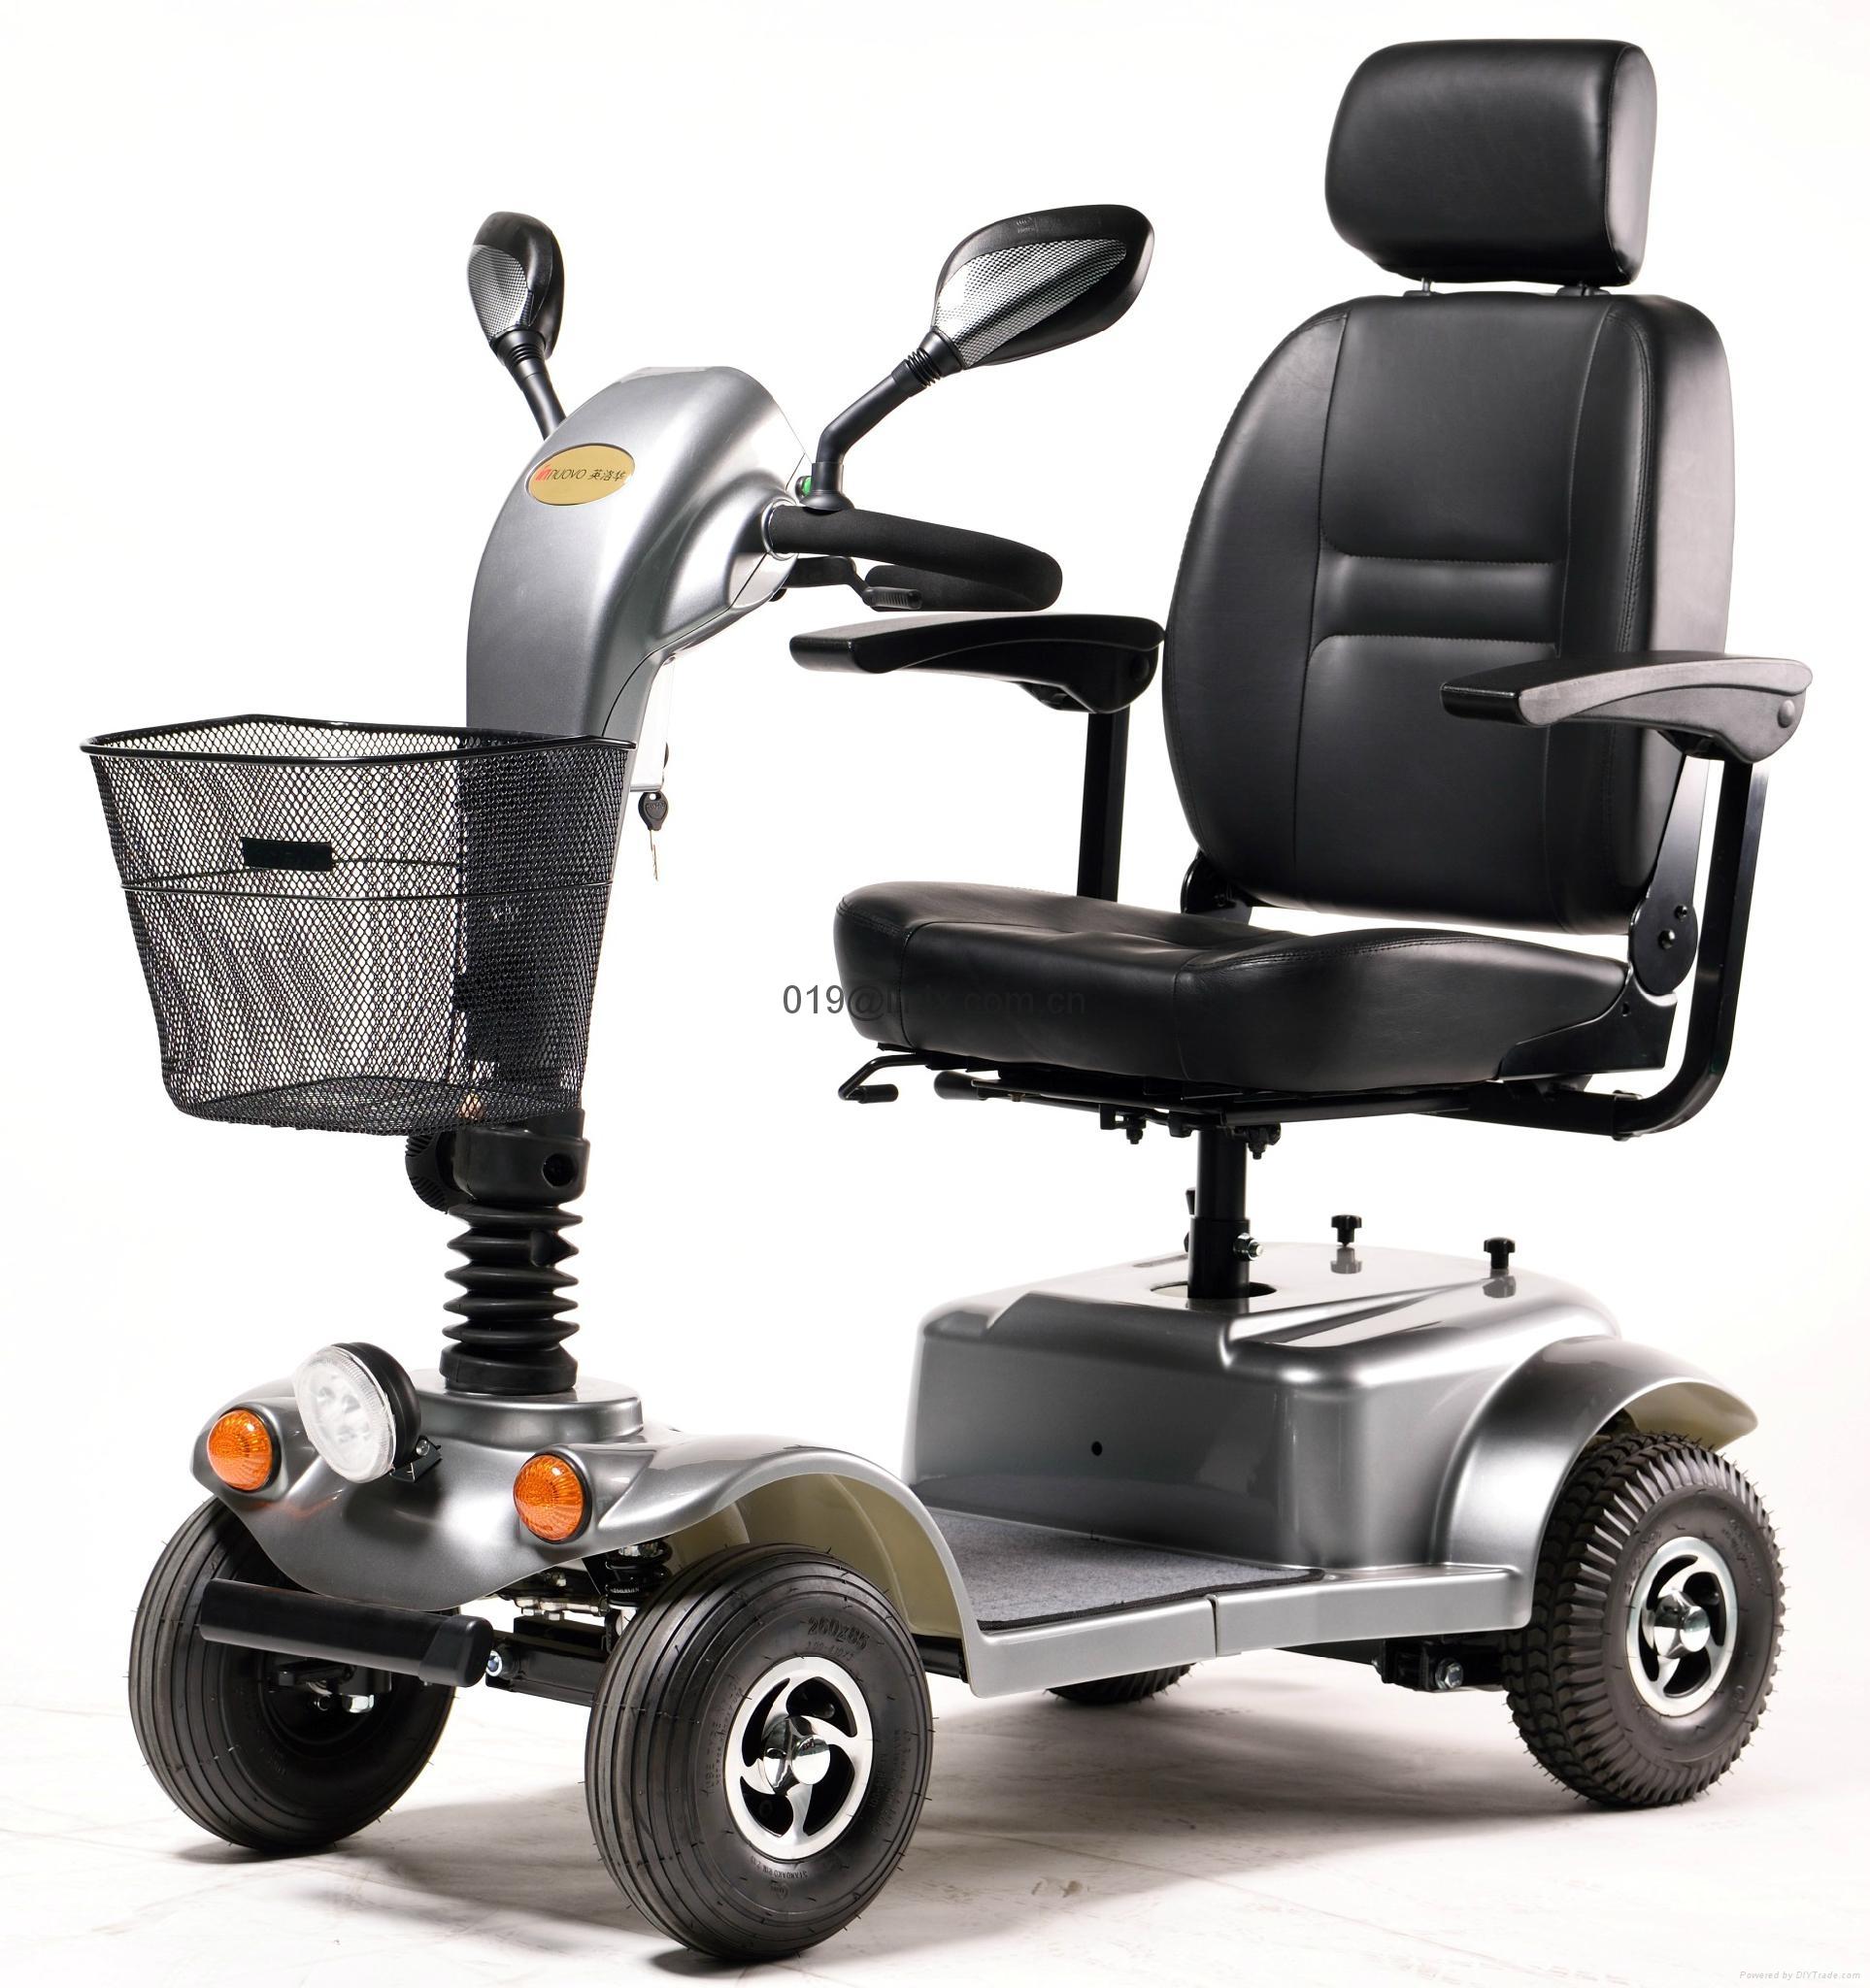 老年电动代步车残疾人电动轮椅四轮小电动车401-1C 1